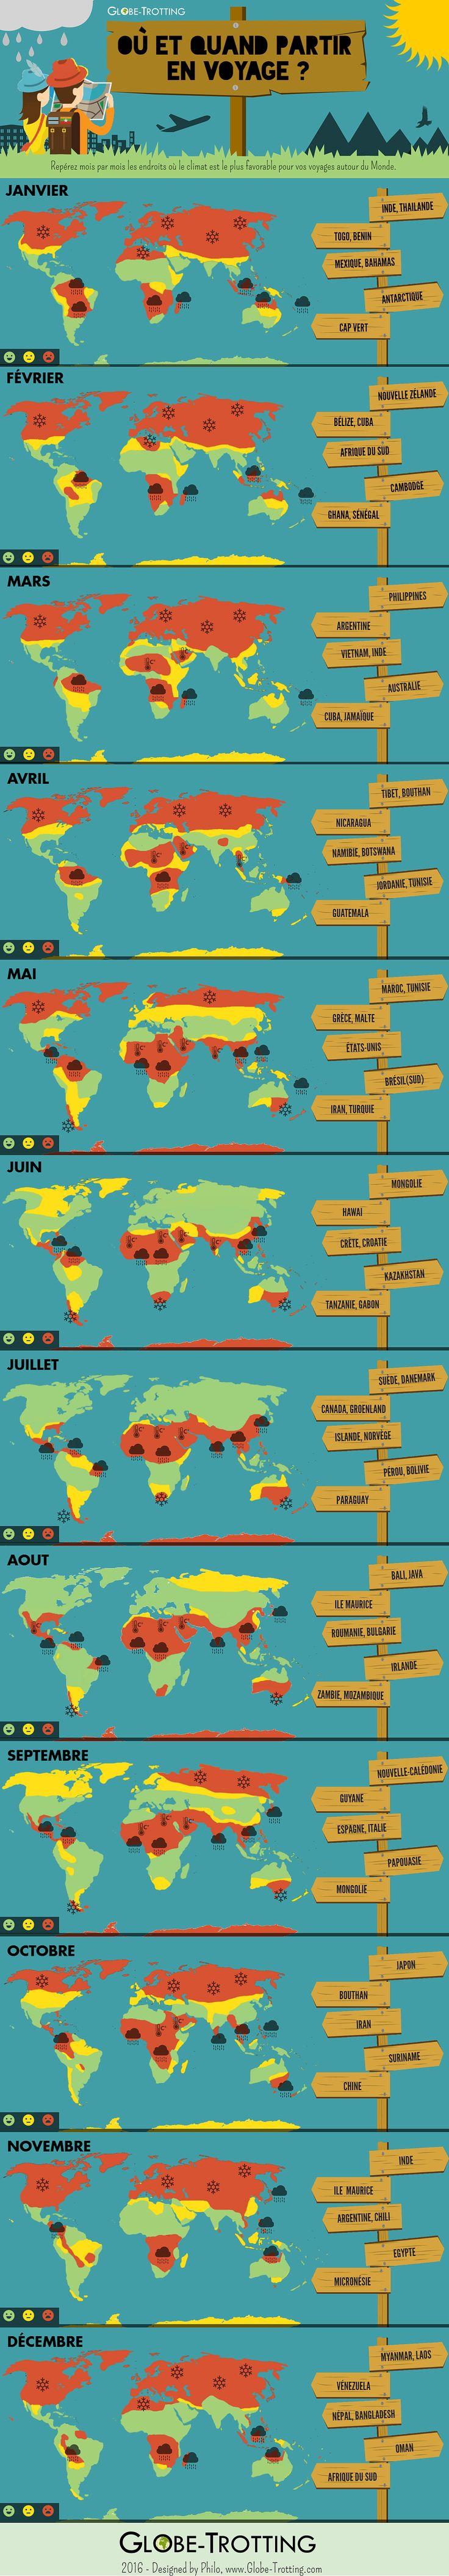 Où et Quand Partir en Voyage ? MON CALENDRIER DU CLIMAT DANS LE MONDE | Globe-Trotting, préparez-vous à voyager avec http://www.globe-trotting.com